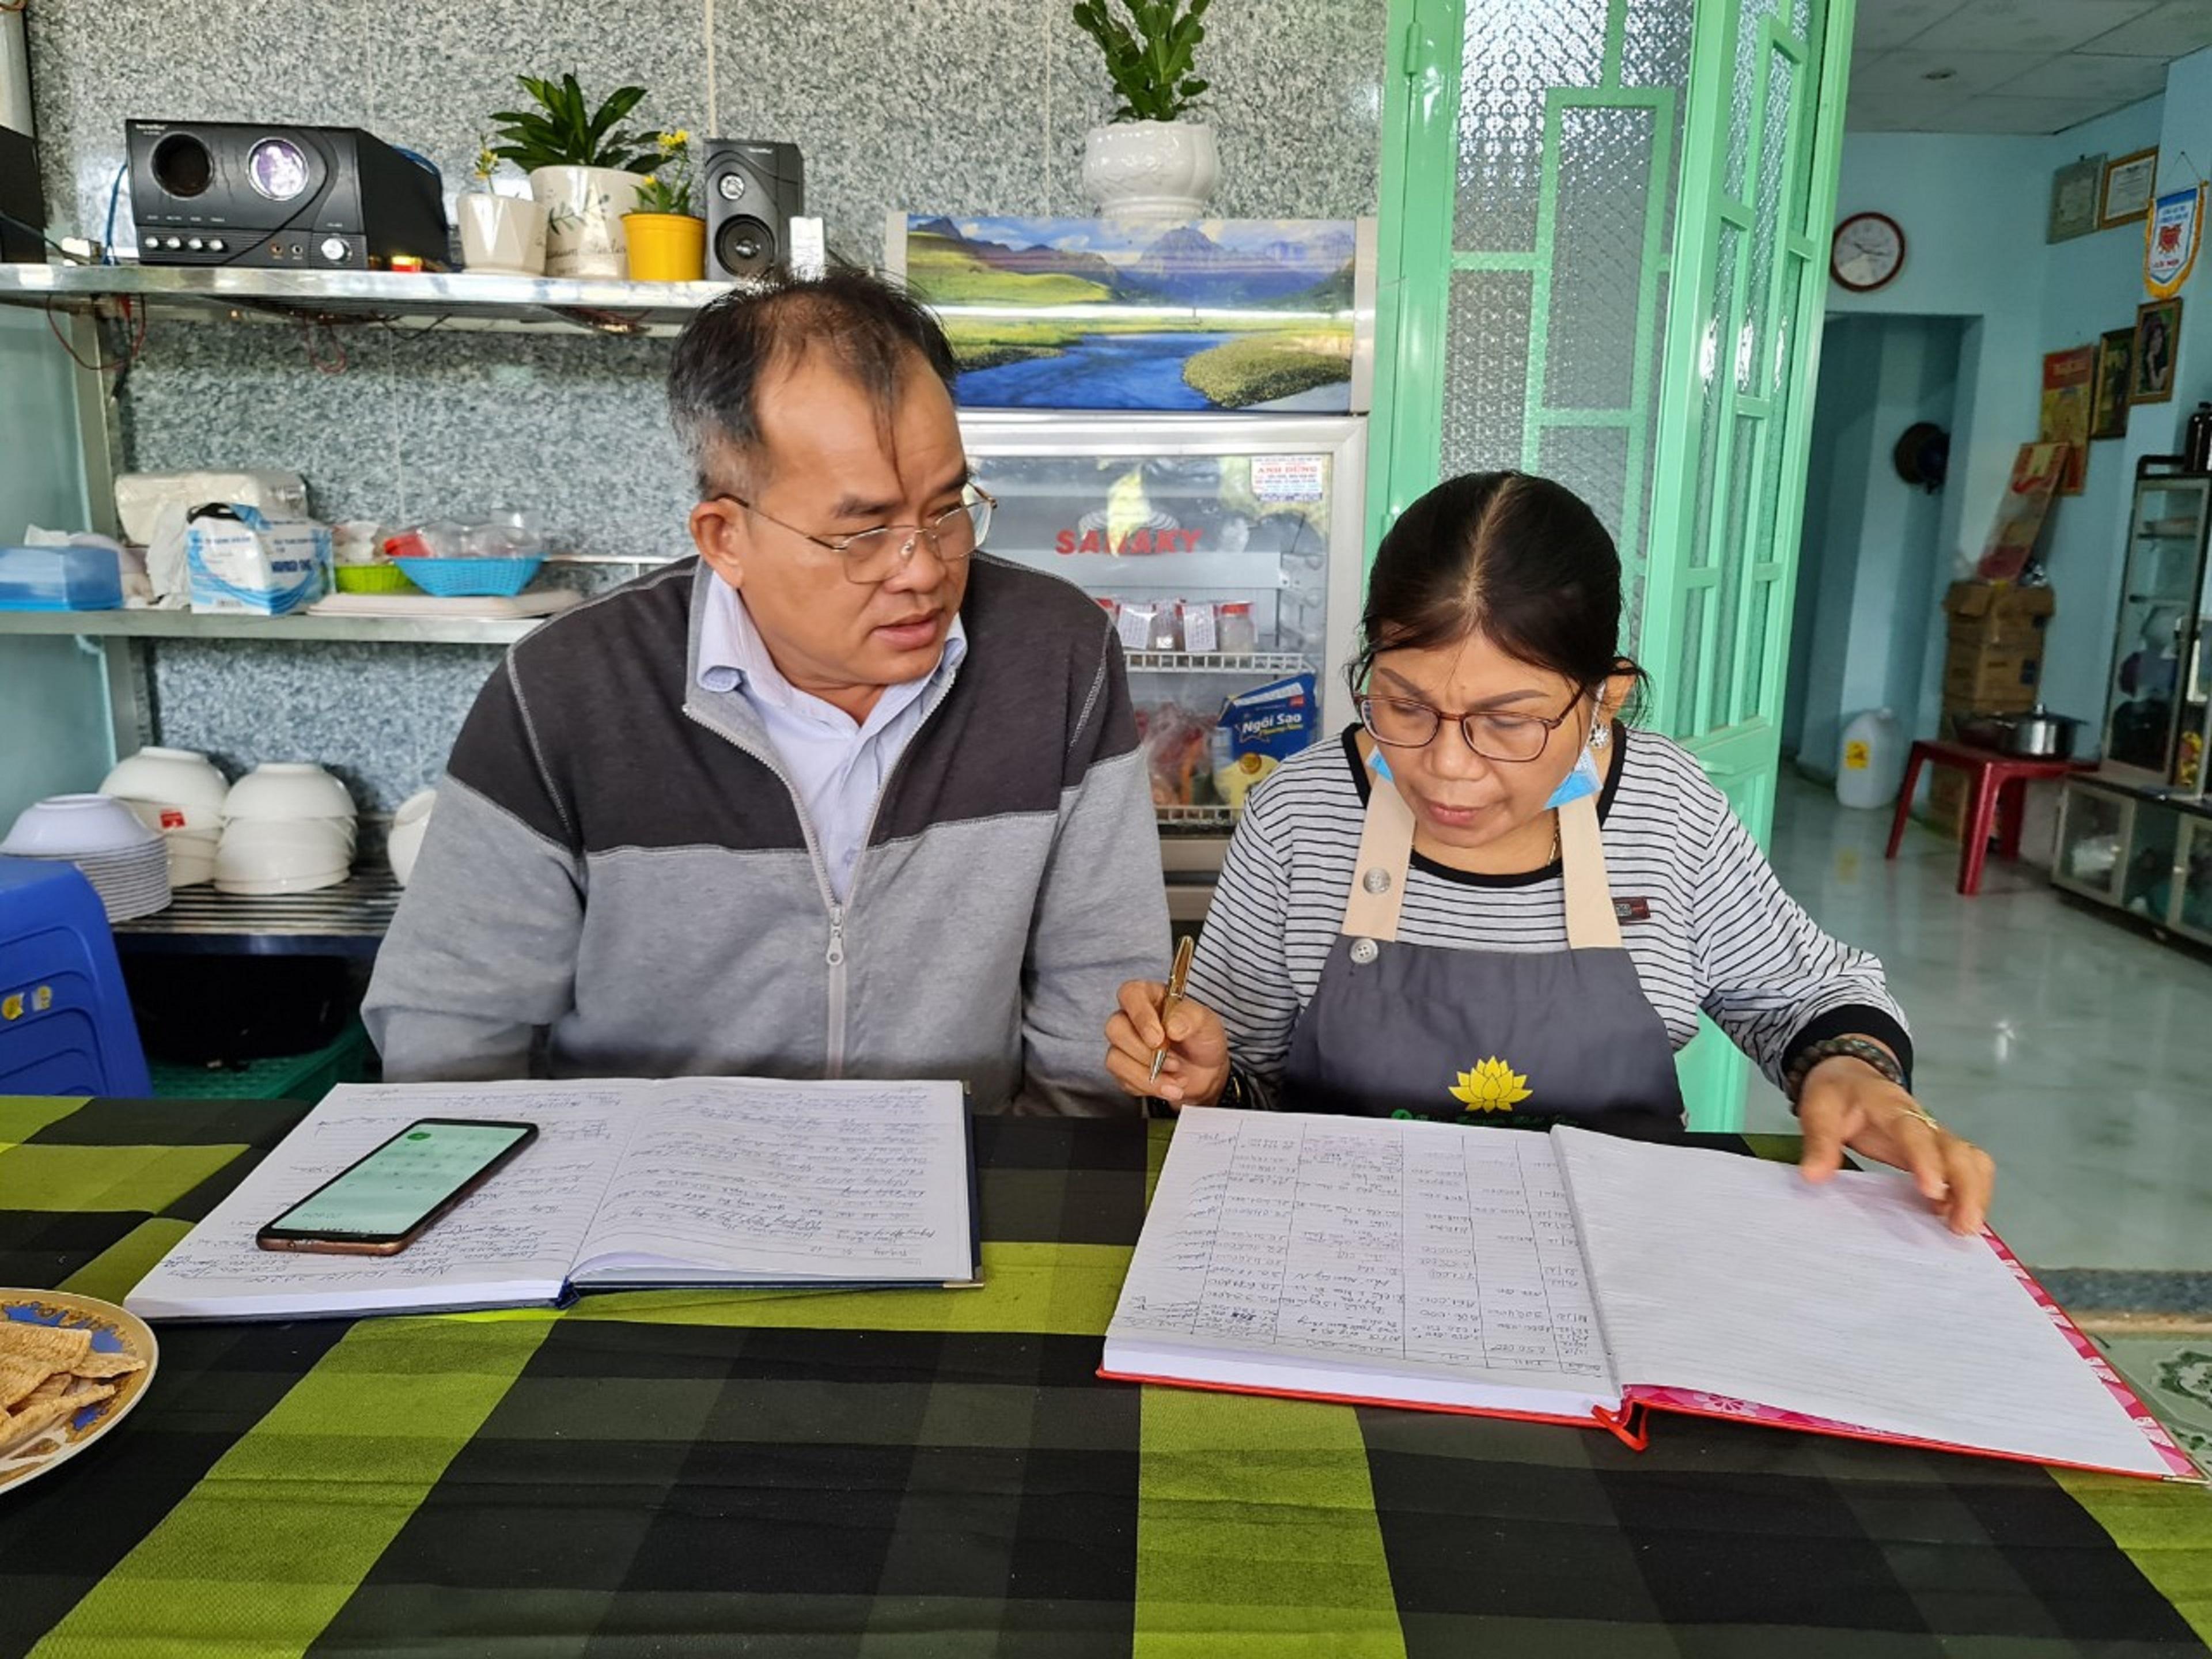 Bà Nguyễn Thị Kim Tuyết cùng cộng sự ghi chép sổ sách của nhà ăn 0 đồng Nhất Tâm